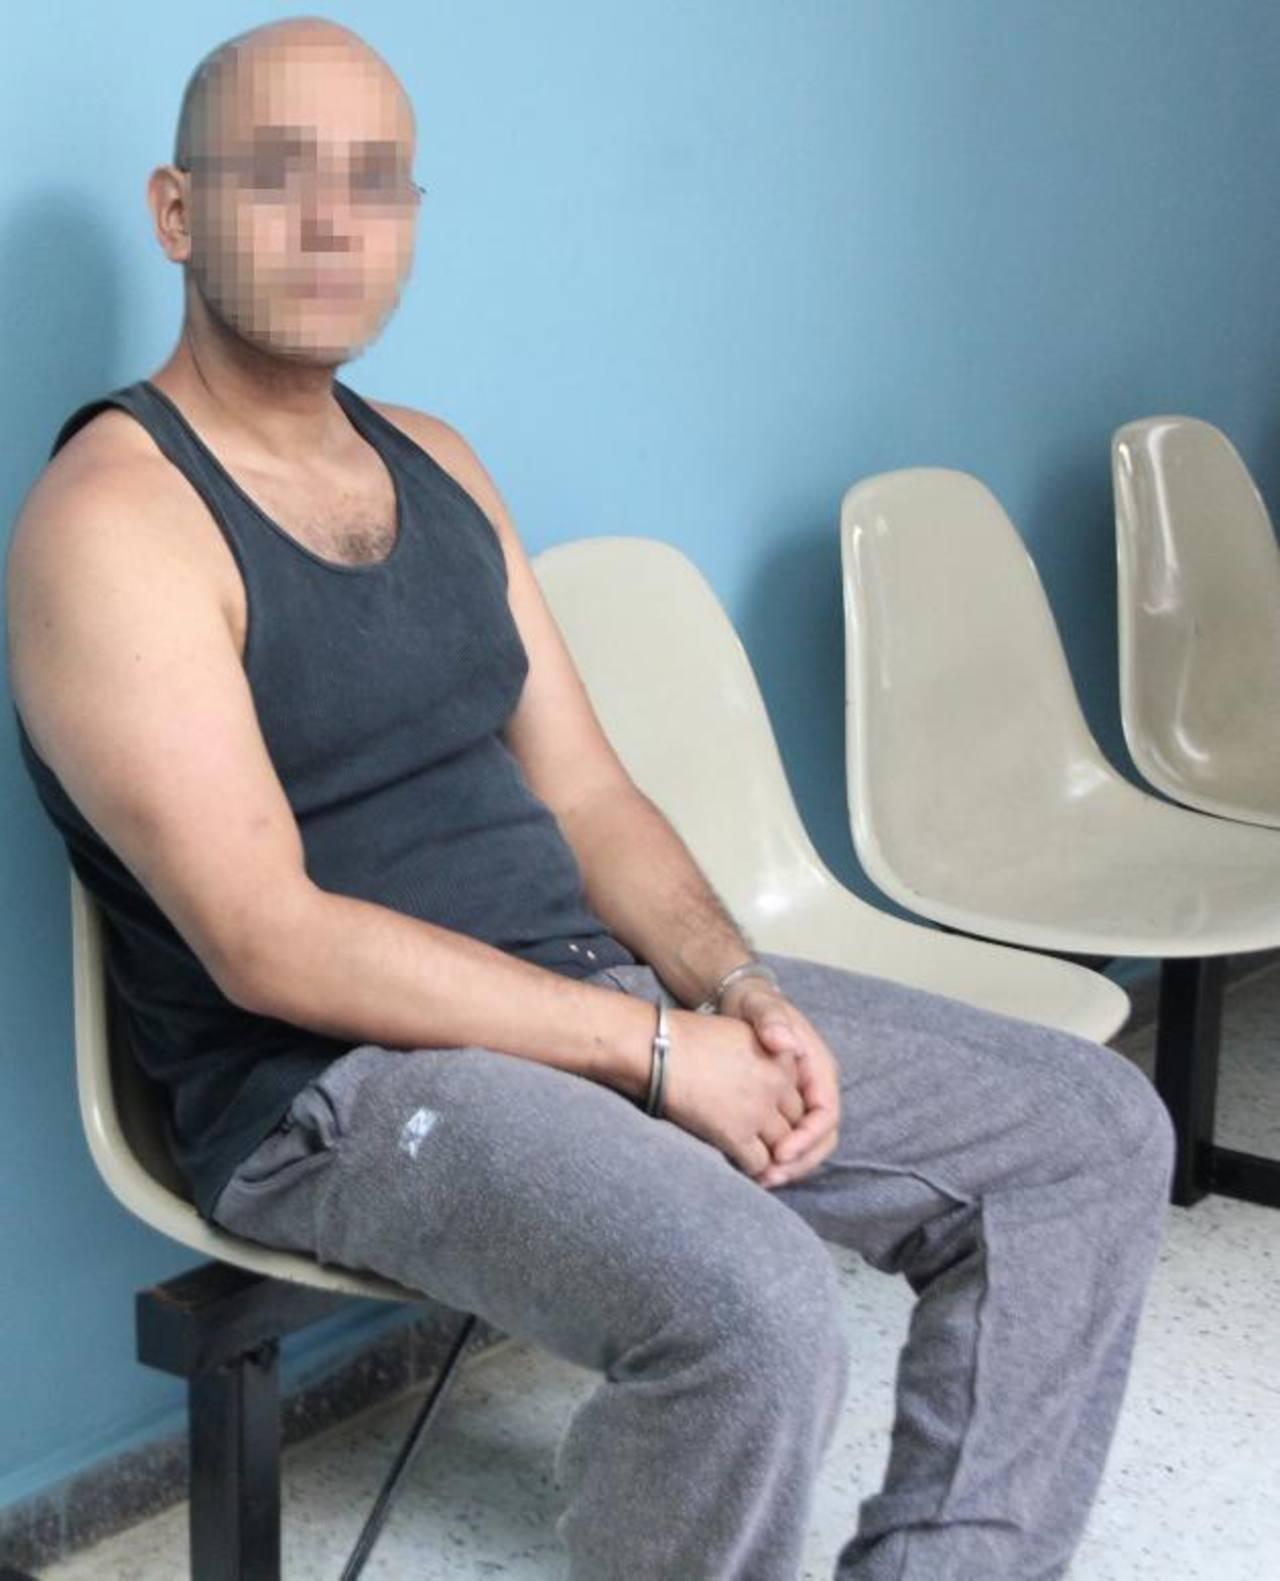 Carlos Guillermo C. A., expuso fotos y vídeos de su expareja, menor de edad, mientas sostenían relaciones sexuales. Foto EDH / Juzgados